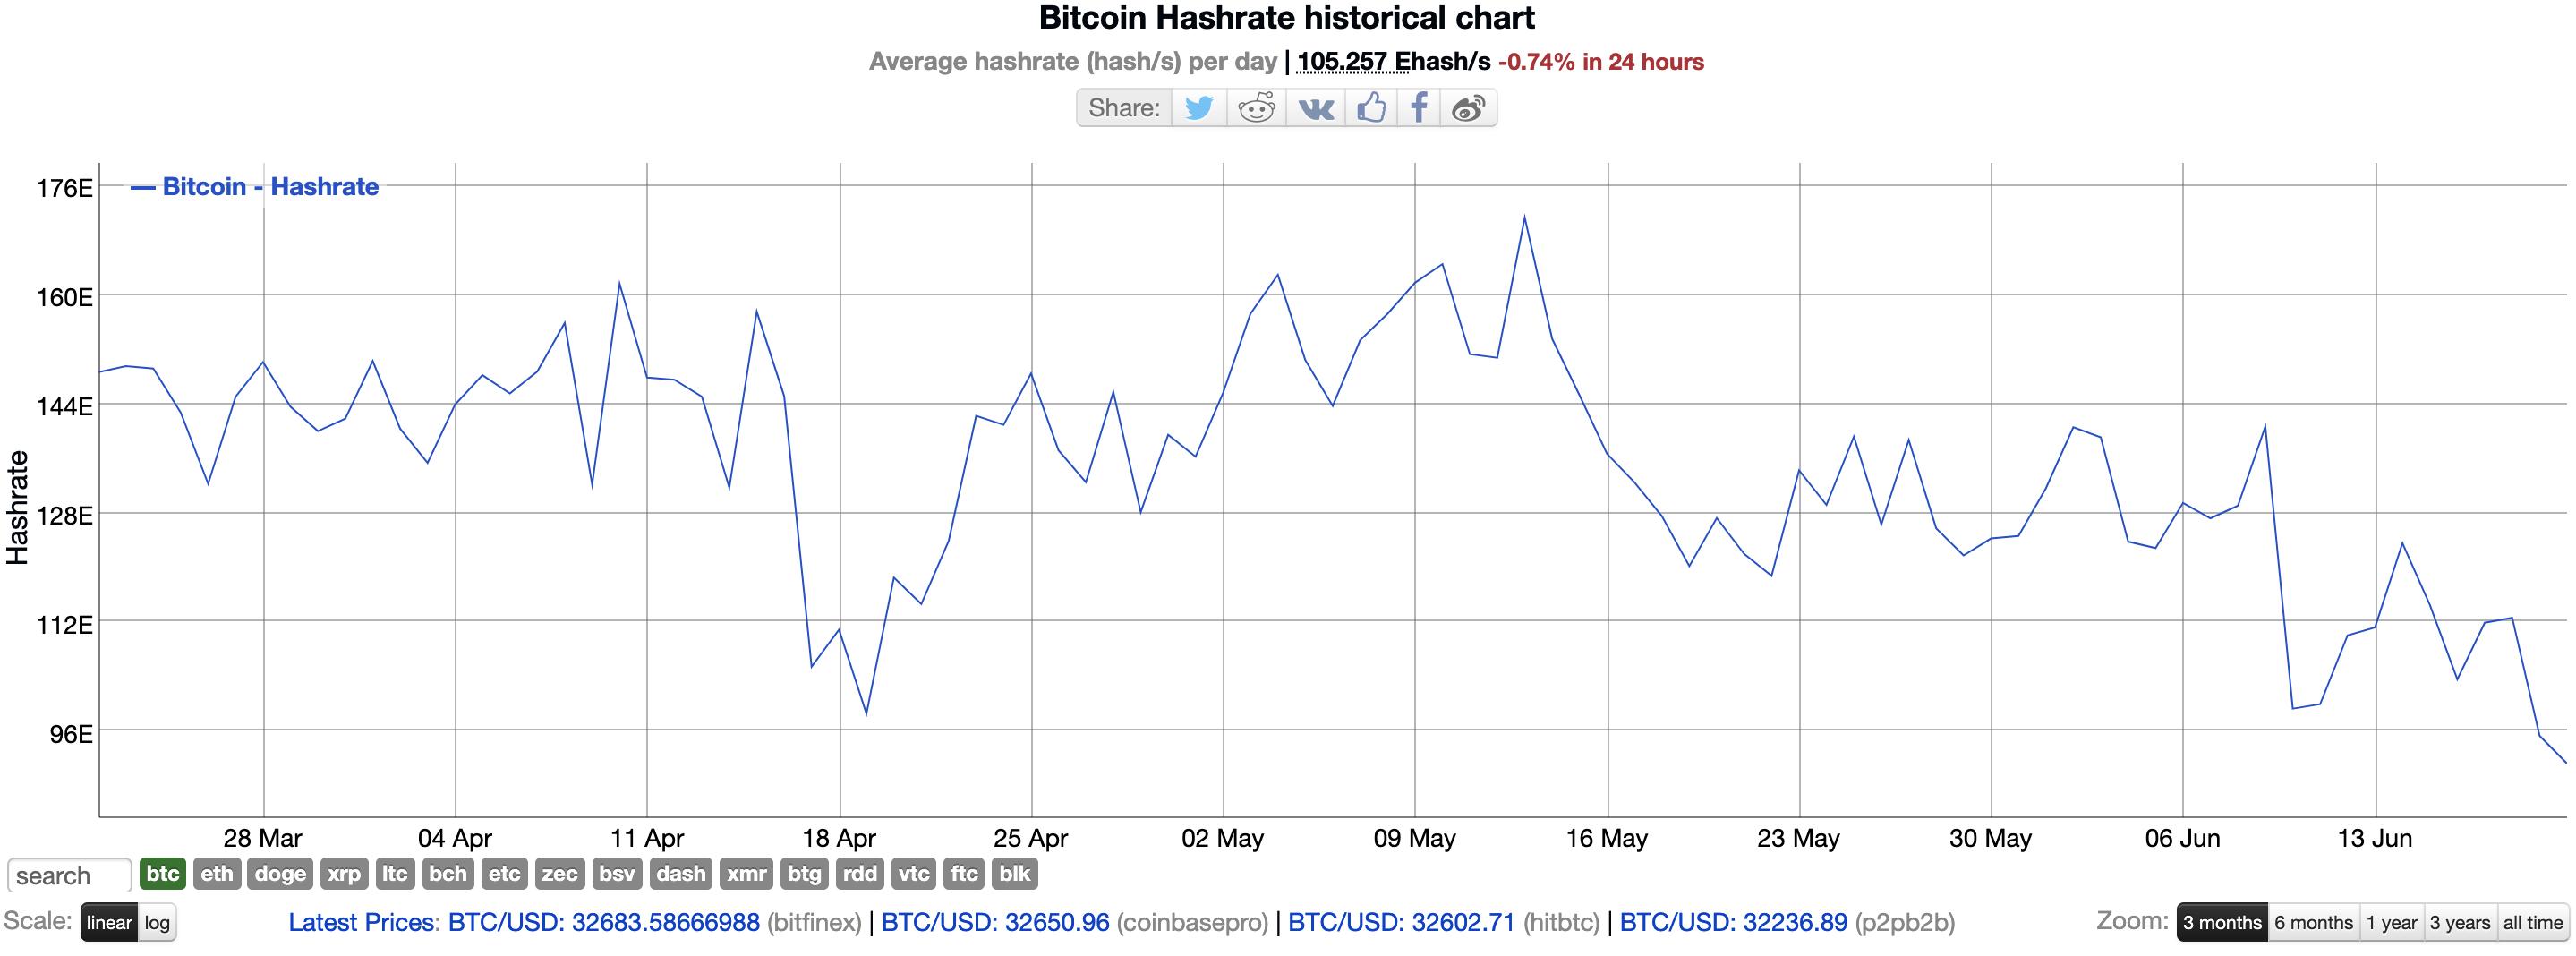 chinas-đang diễn ra-bitcoin-mining-crackdown-has-send-the-price-of-card-đồ họa-giảm mạnh